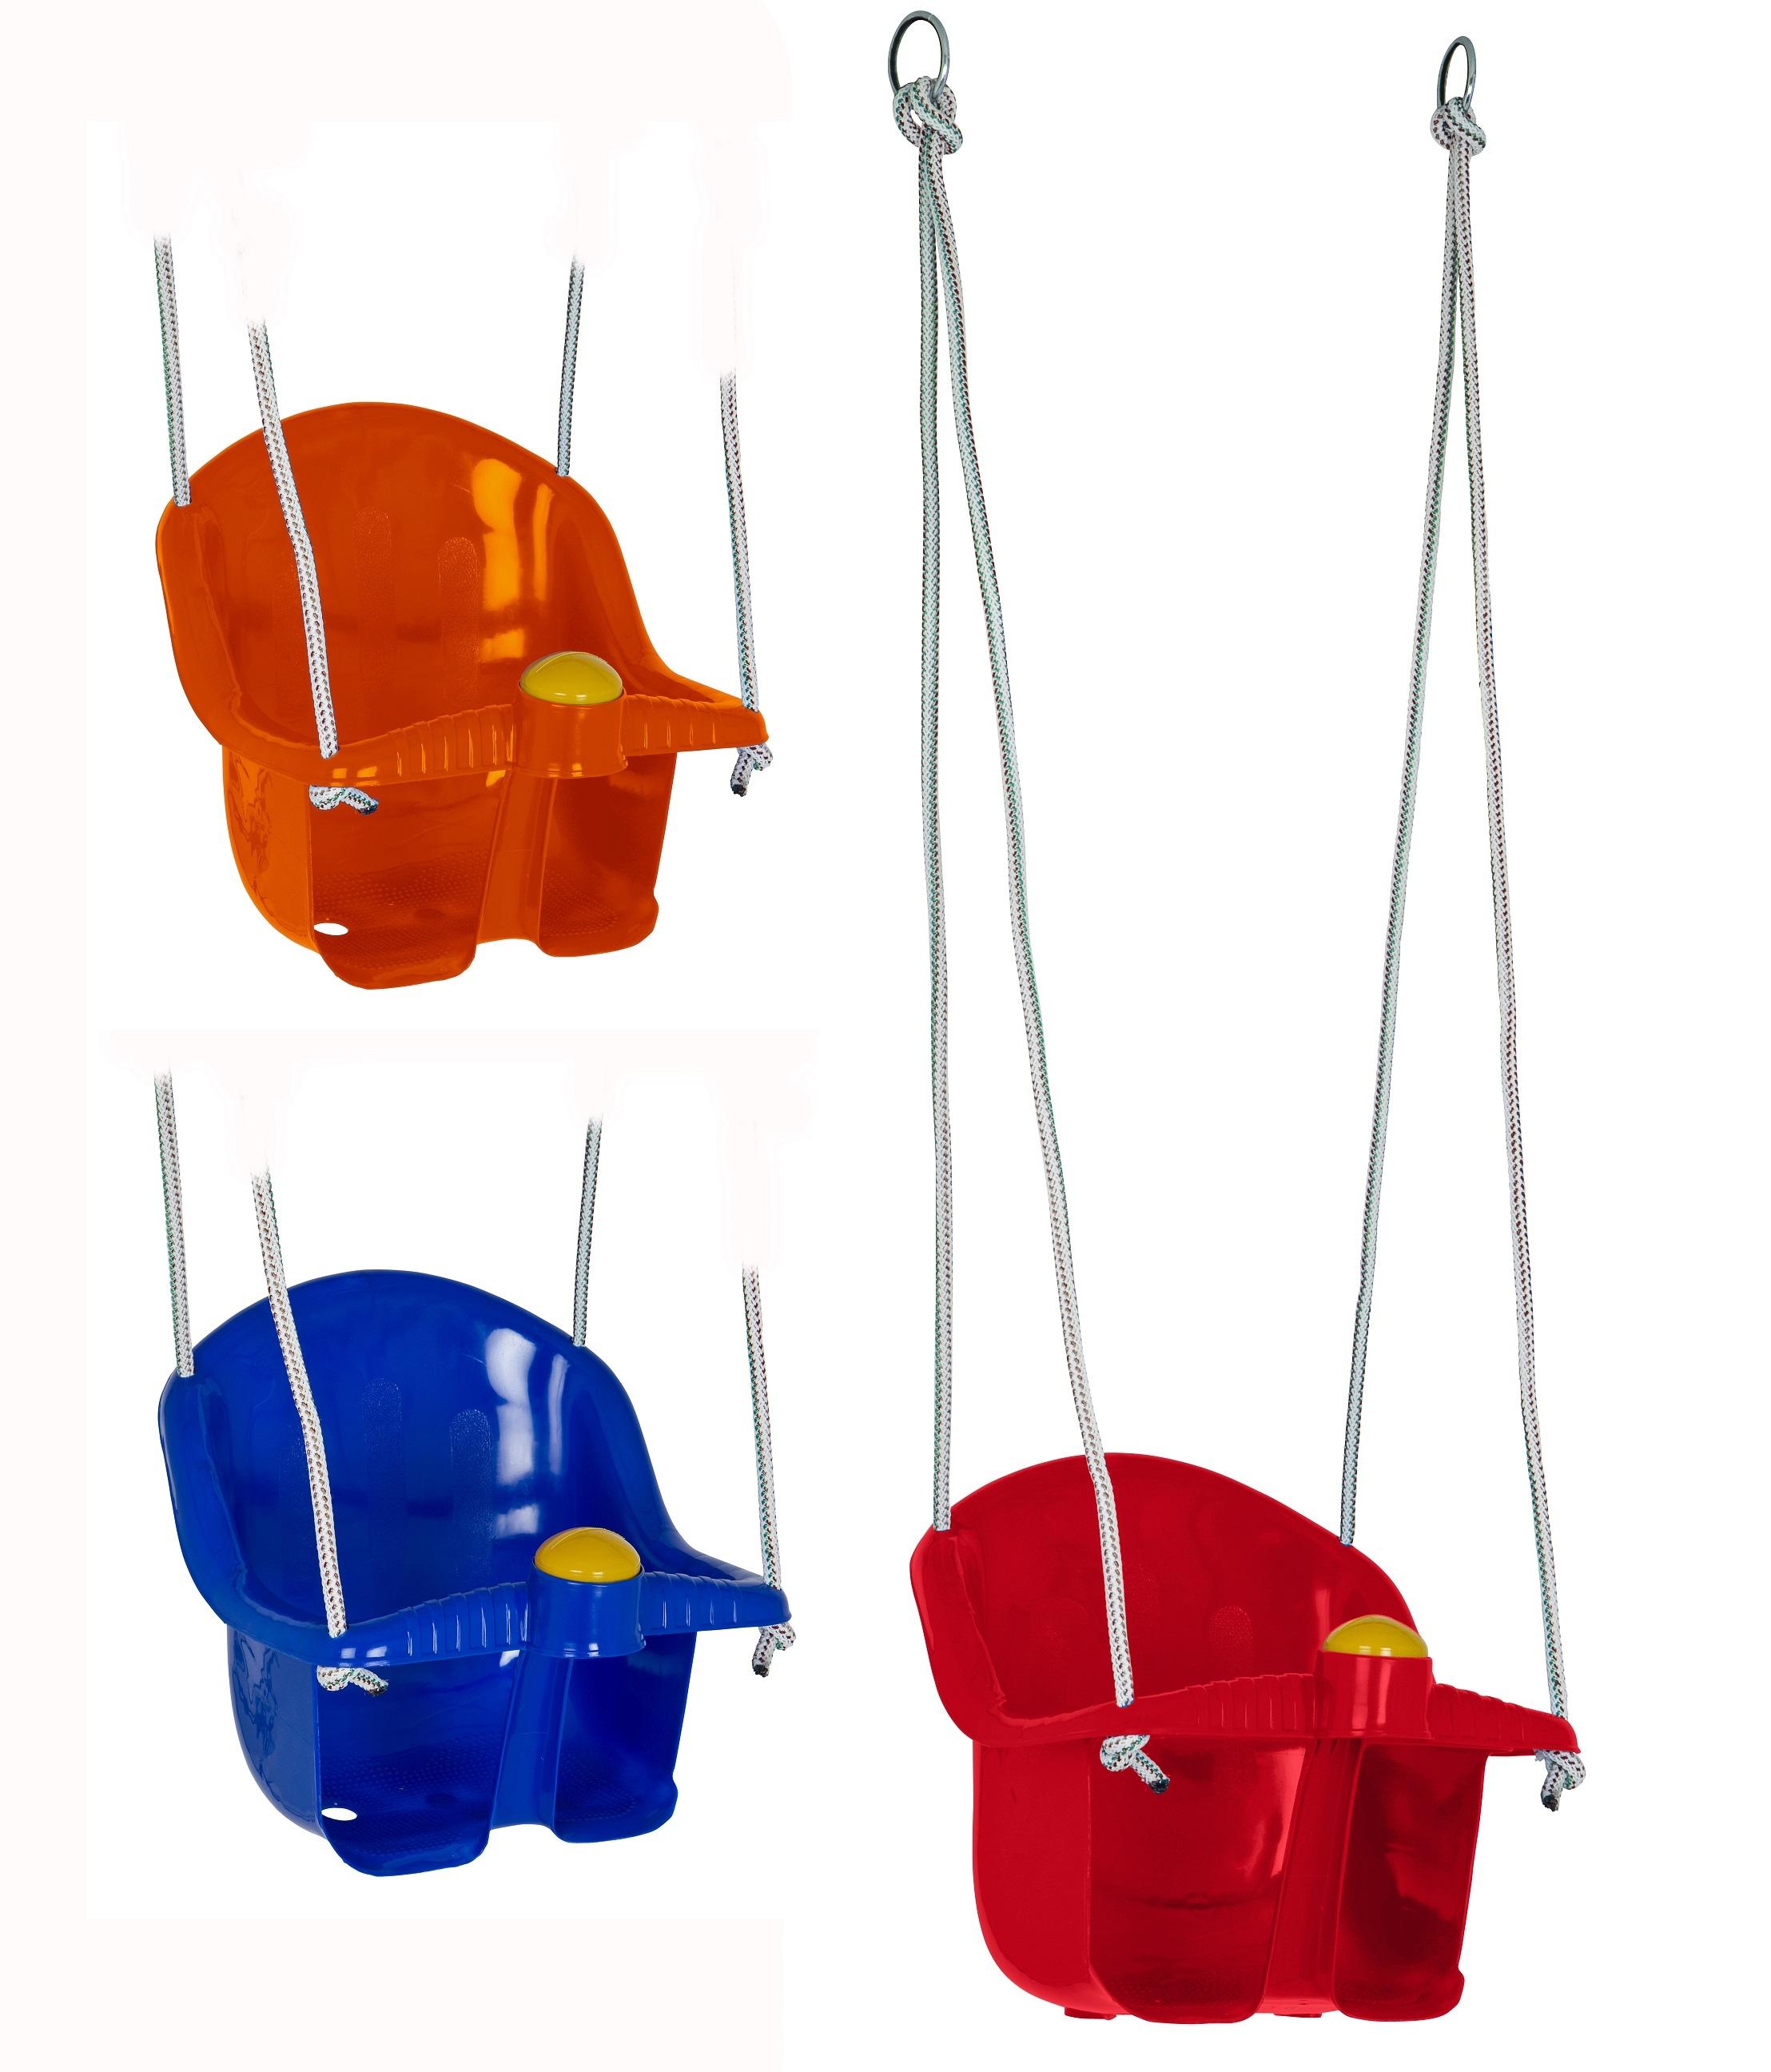 Indoor swings for kids - Item Specifics